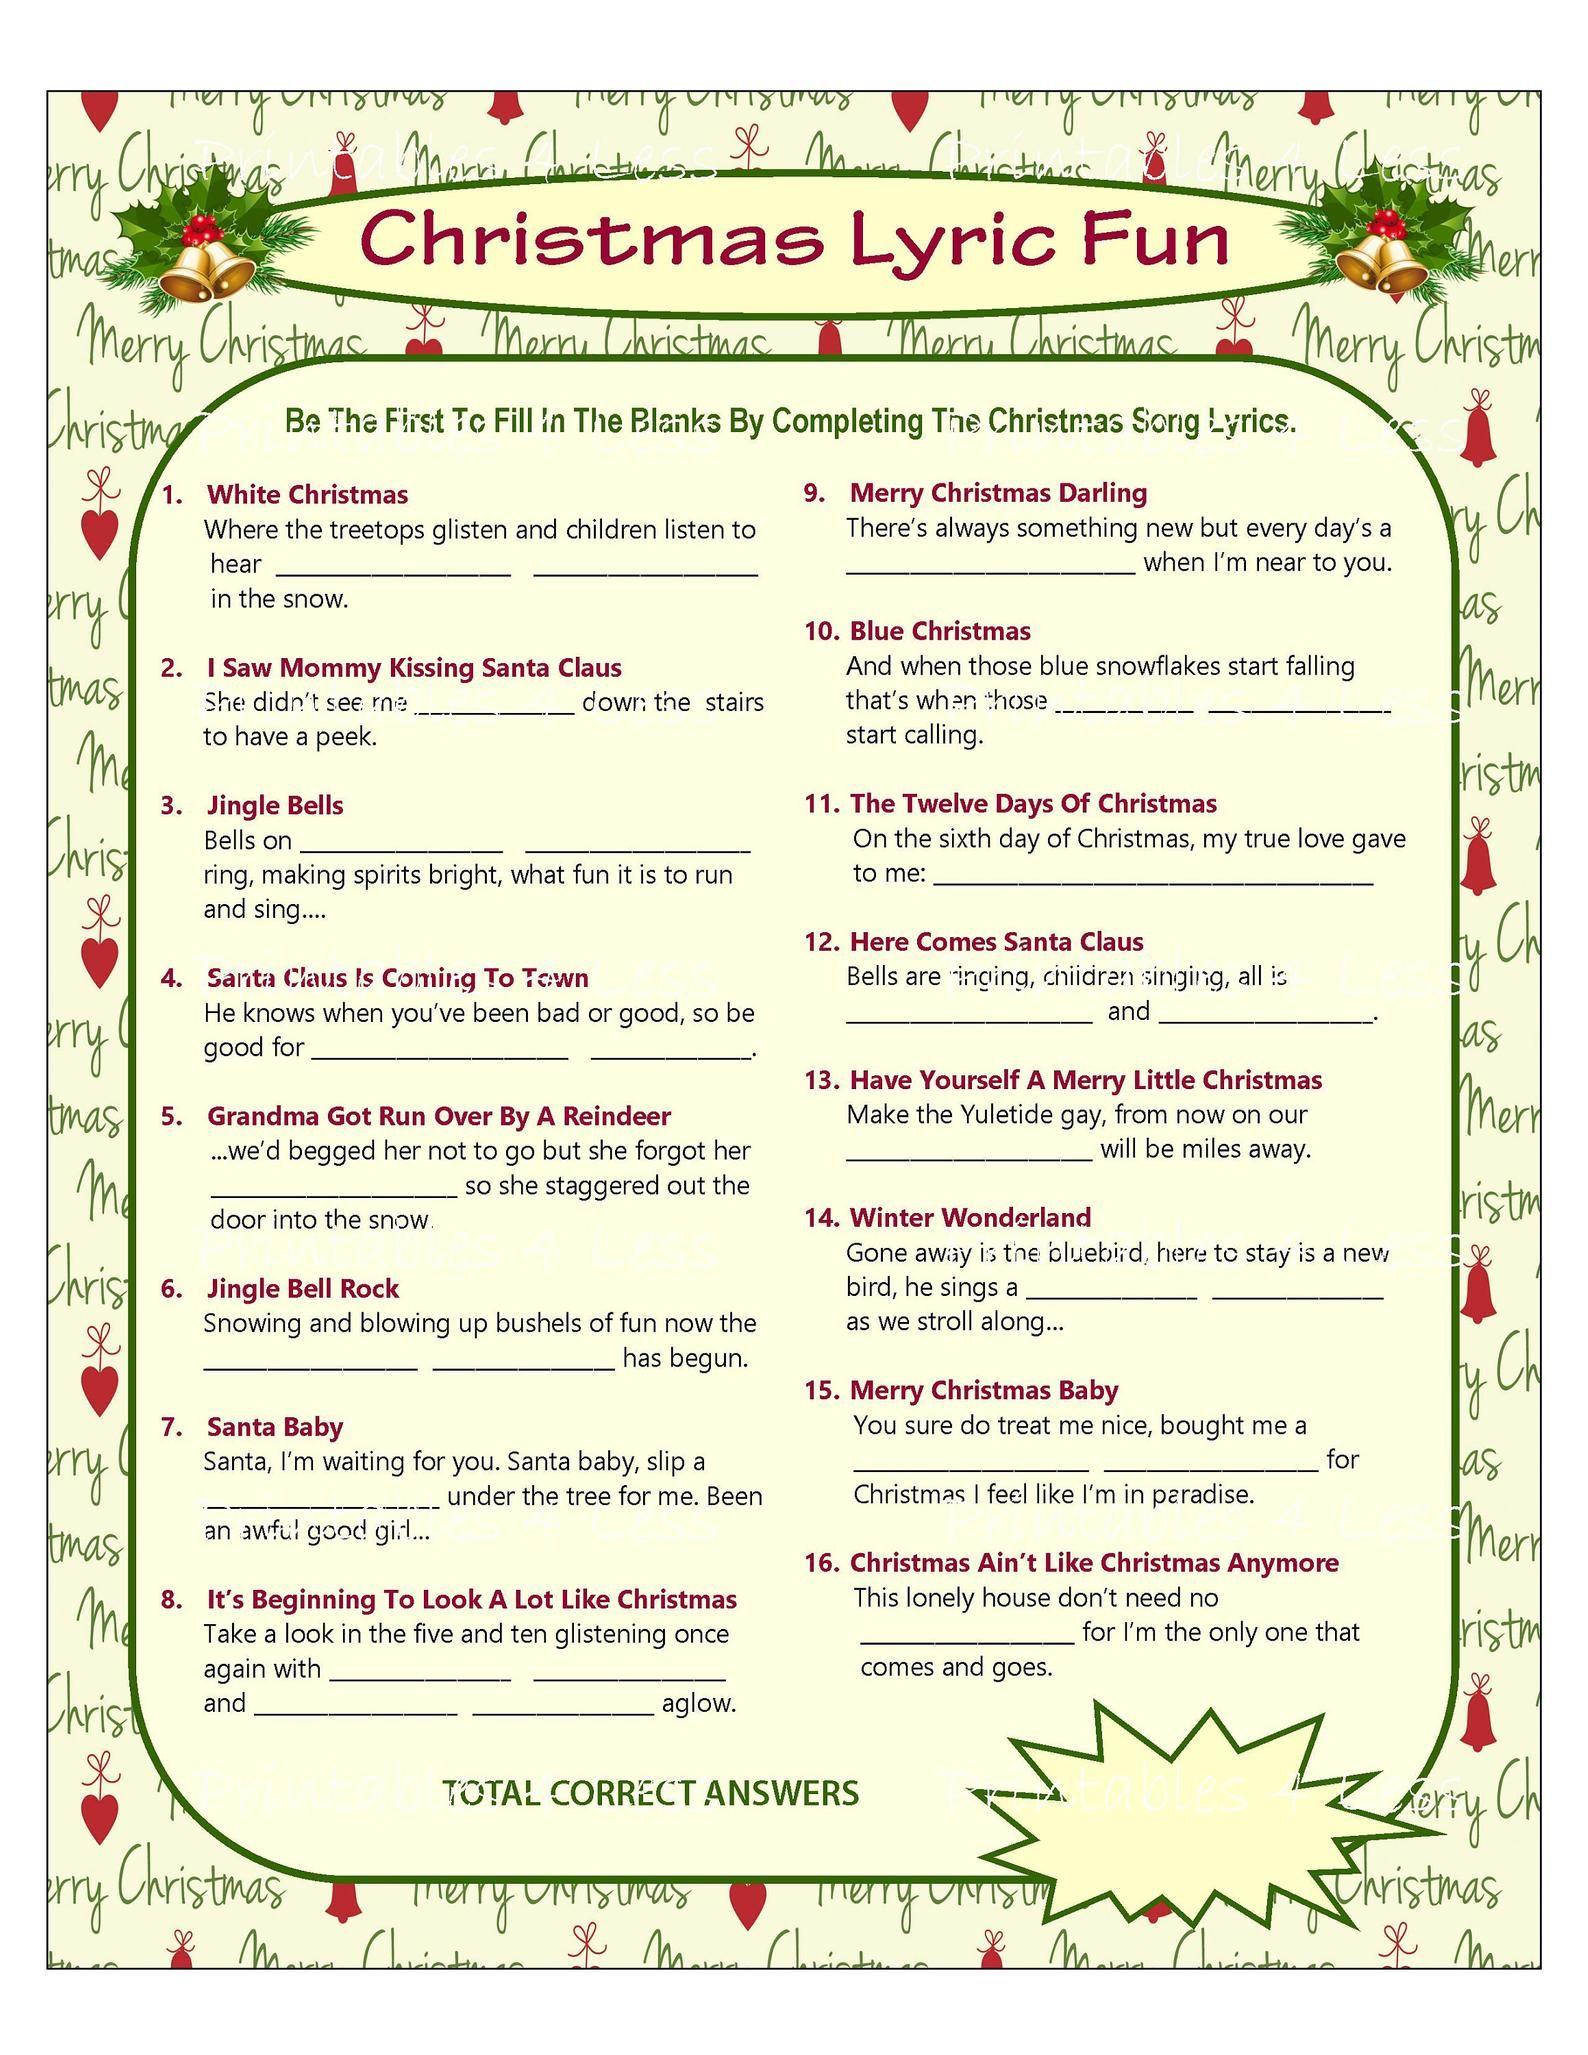 Christmas Song Game Christmas Music Game Christmas Carol Game Printable Christmas Games Diy Holiday Games Xmas Printables 4 Less In 2020 Printable Christmas Games Christmas Song Games Christmas Songs Lyrics